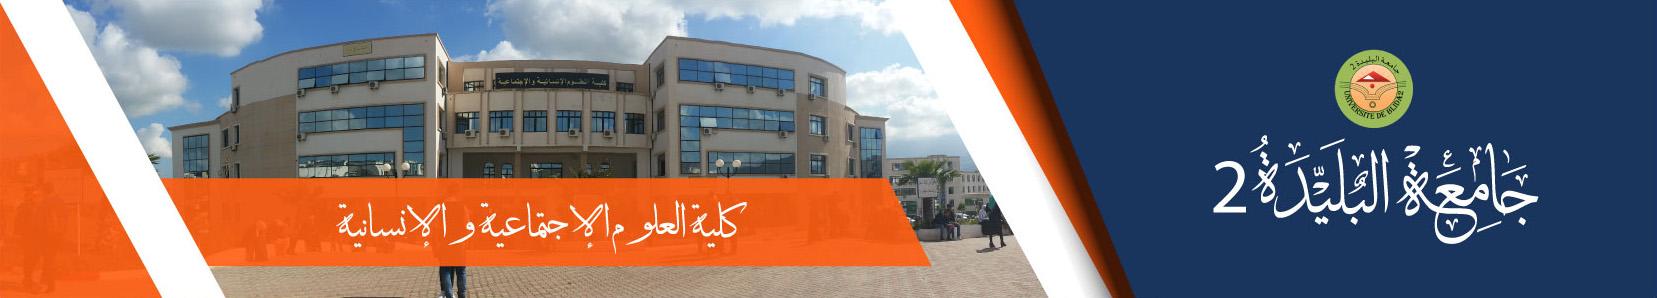 كلية العلوم الإنسانية و الإجتماعية – جامعة البليدة 2 لونيسي علي